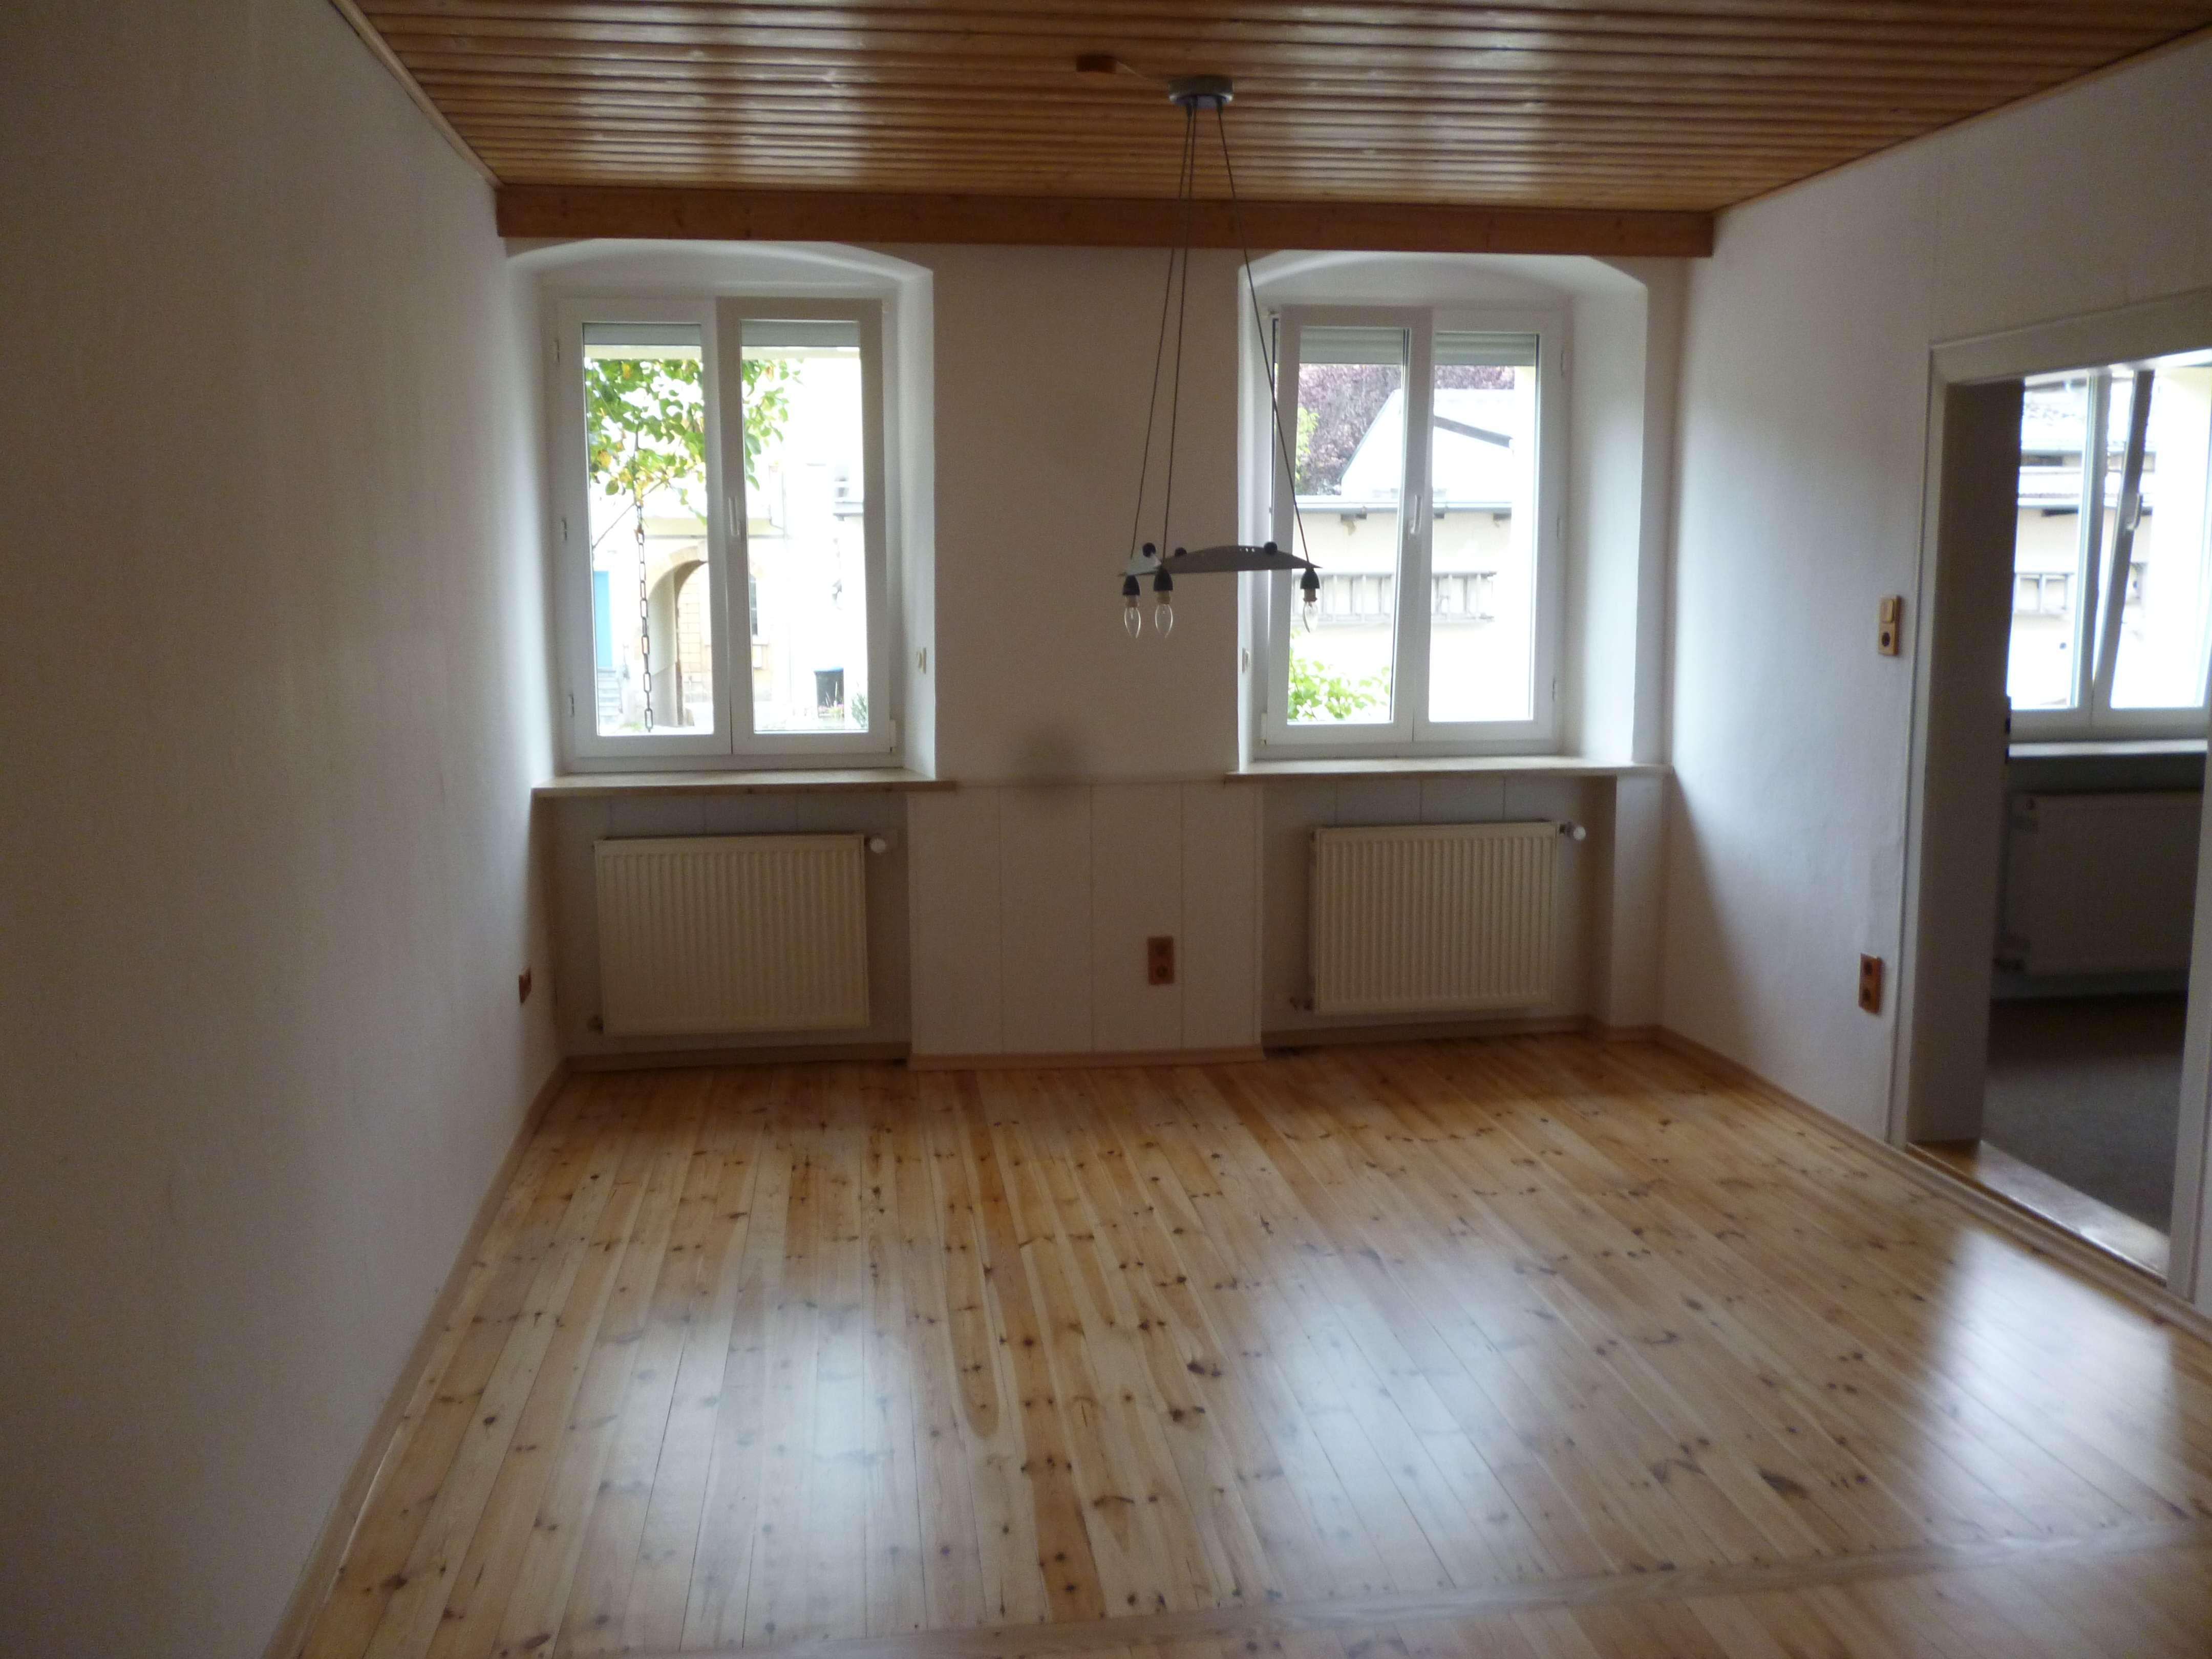 """++Sofort frei: 2-Zimmer-Wohnung im Bayreuther Stadtteil """"St. Georgen++ in Hammerstatt/St. Georgen/Burg (Bayreuth)"""